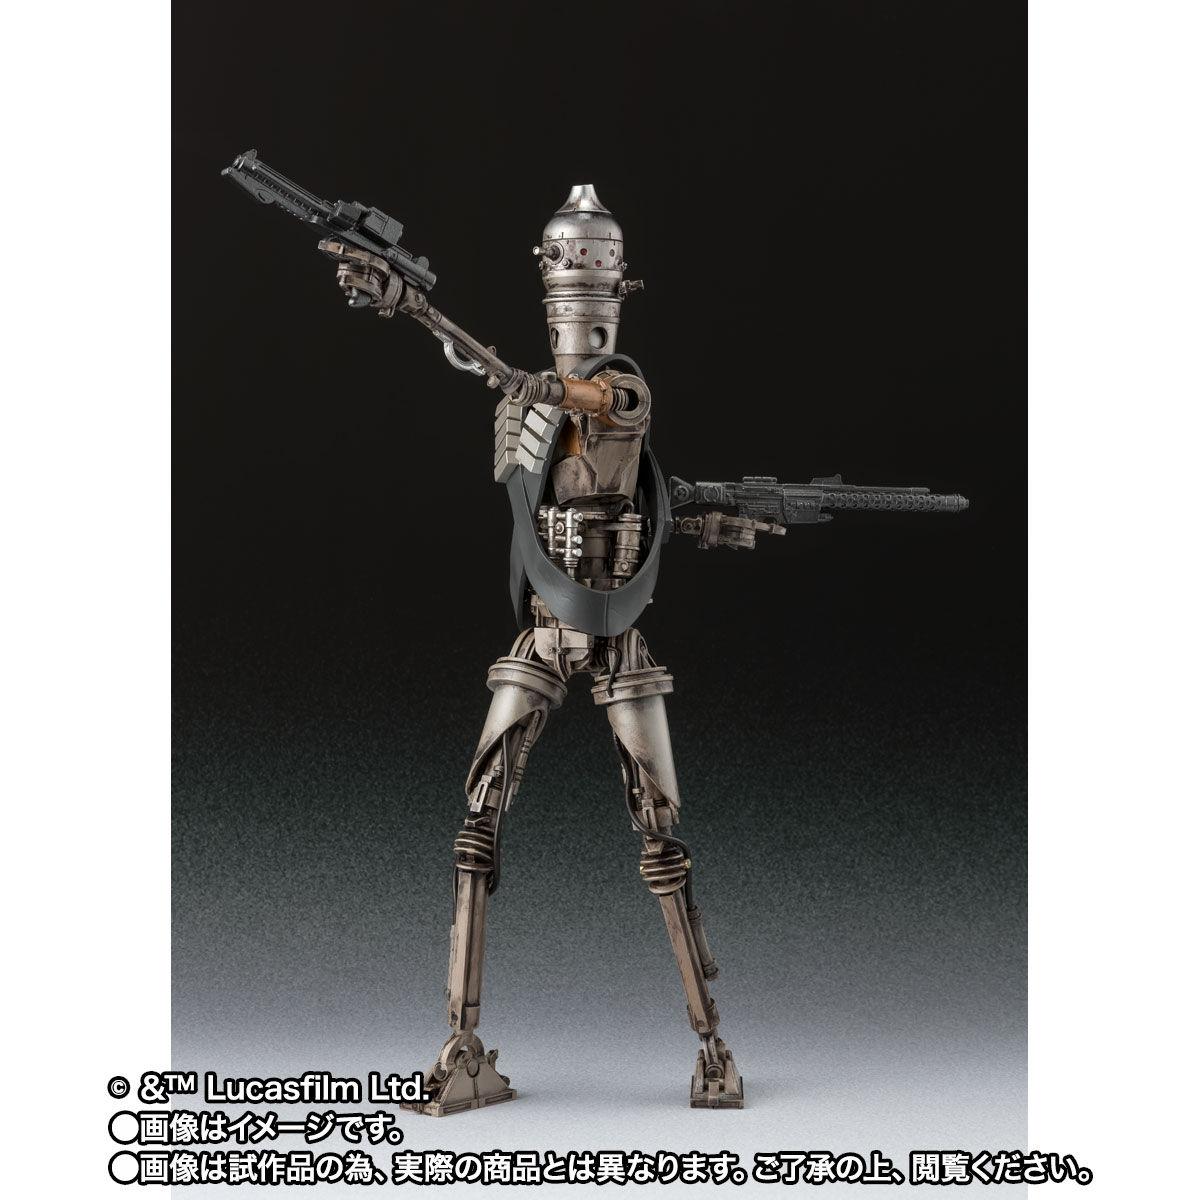 【限定販売】S.H.Figuarts『IG-11(STAR WARS:The Mandalorian)』マンダロリアン 可動フィギュア-004